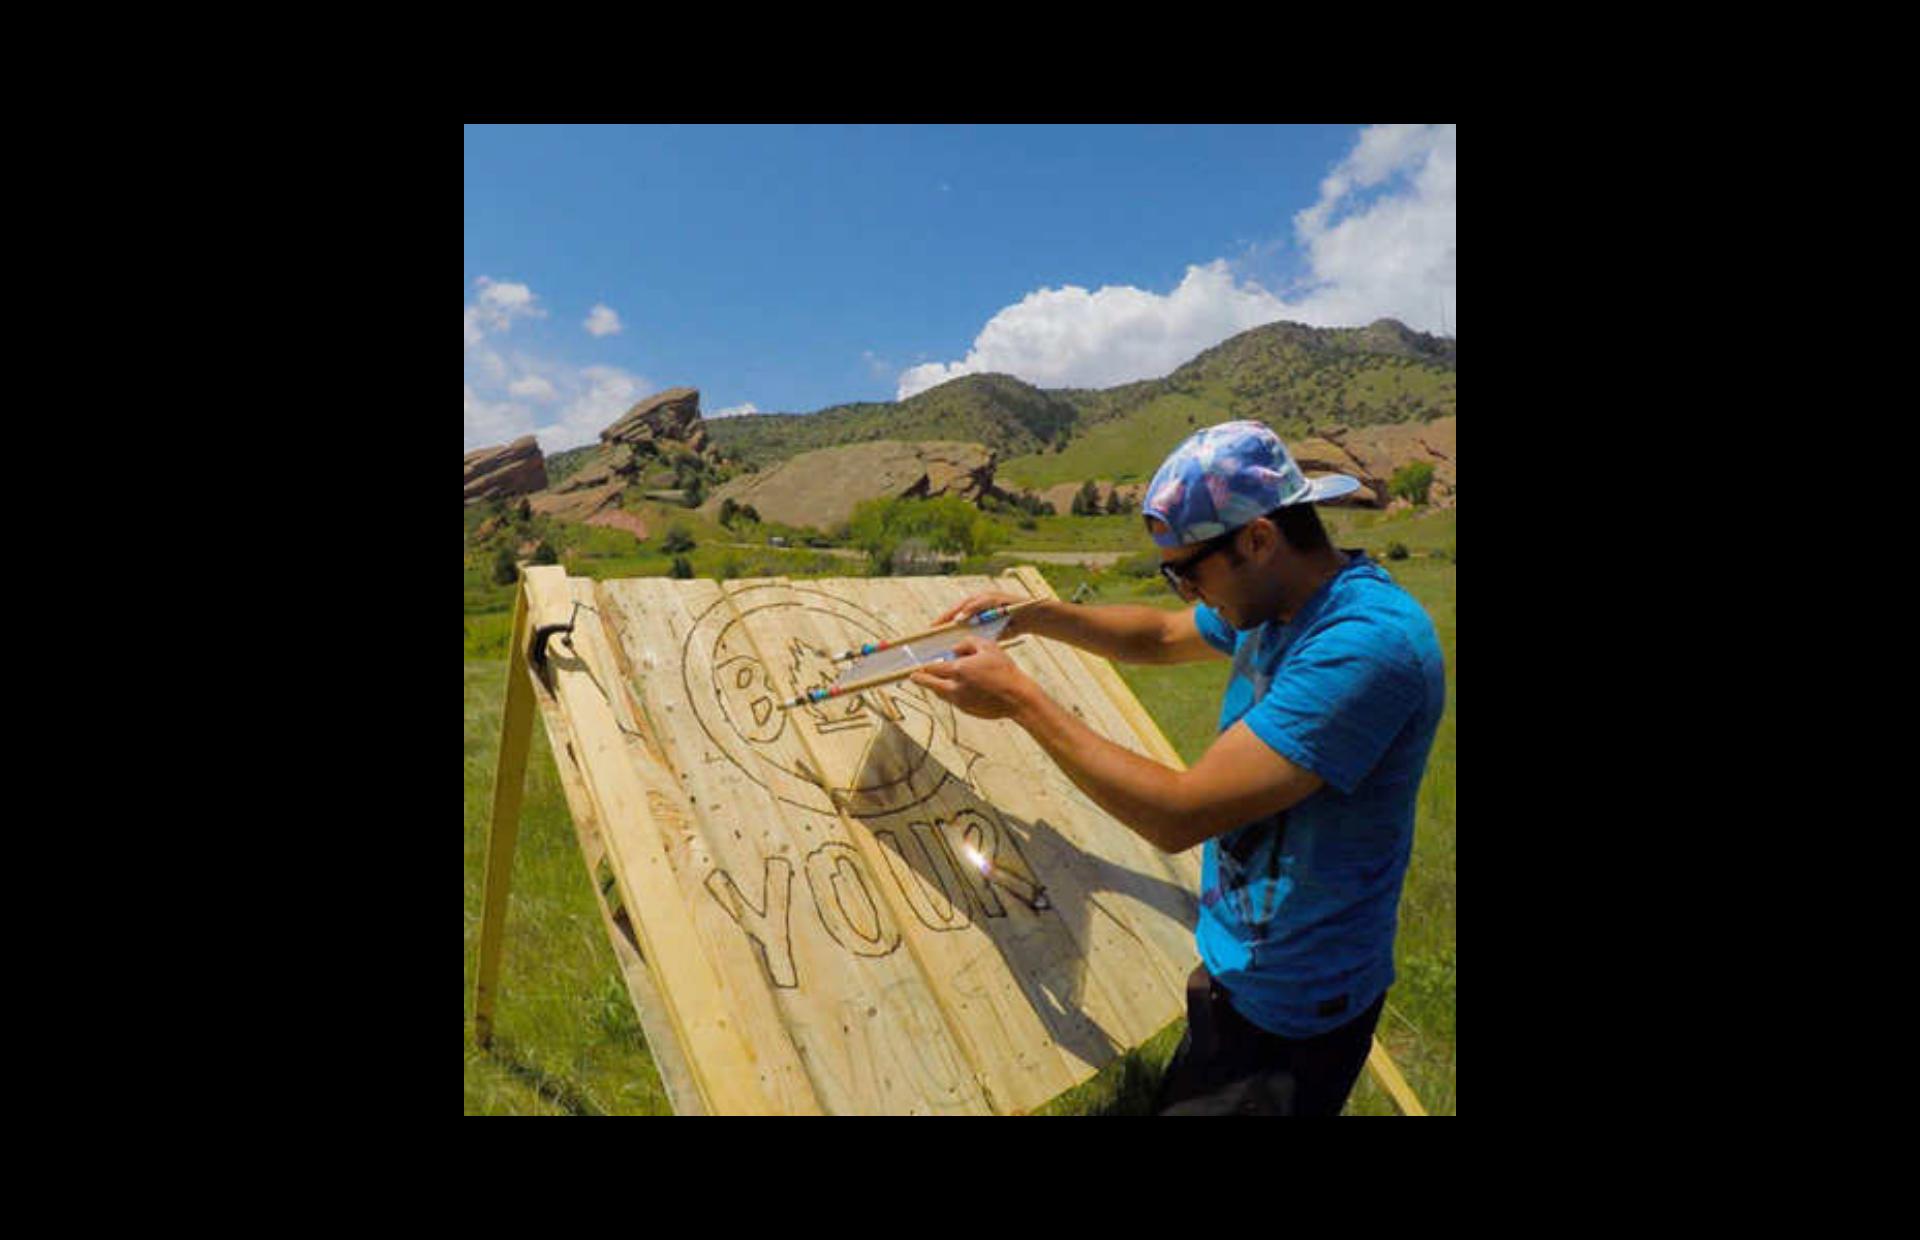 Ο Έλληνας καλλιτέχνης που «ζωγραφίζει» με τον ήλιο